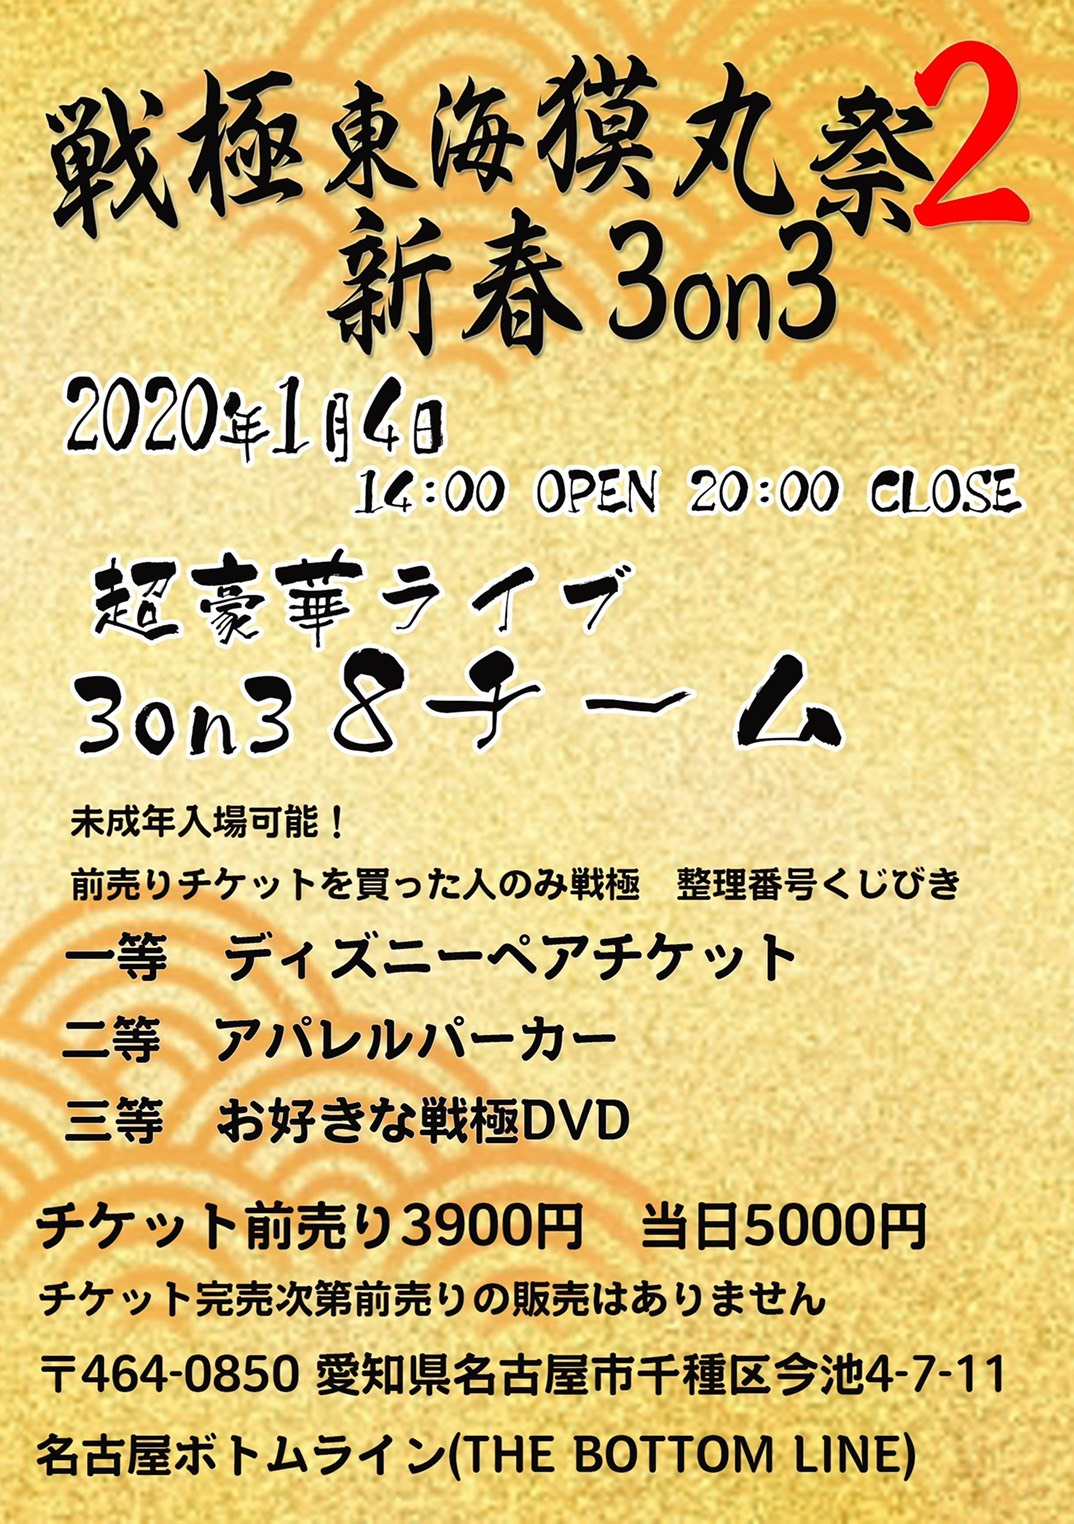 1/4 戦極東海獏丸祭2 3on3新春スペシャル タイムテーブル発表!_e0246863_23354830.jpg